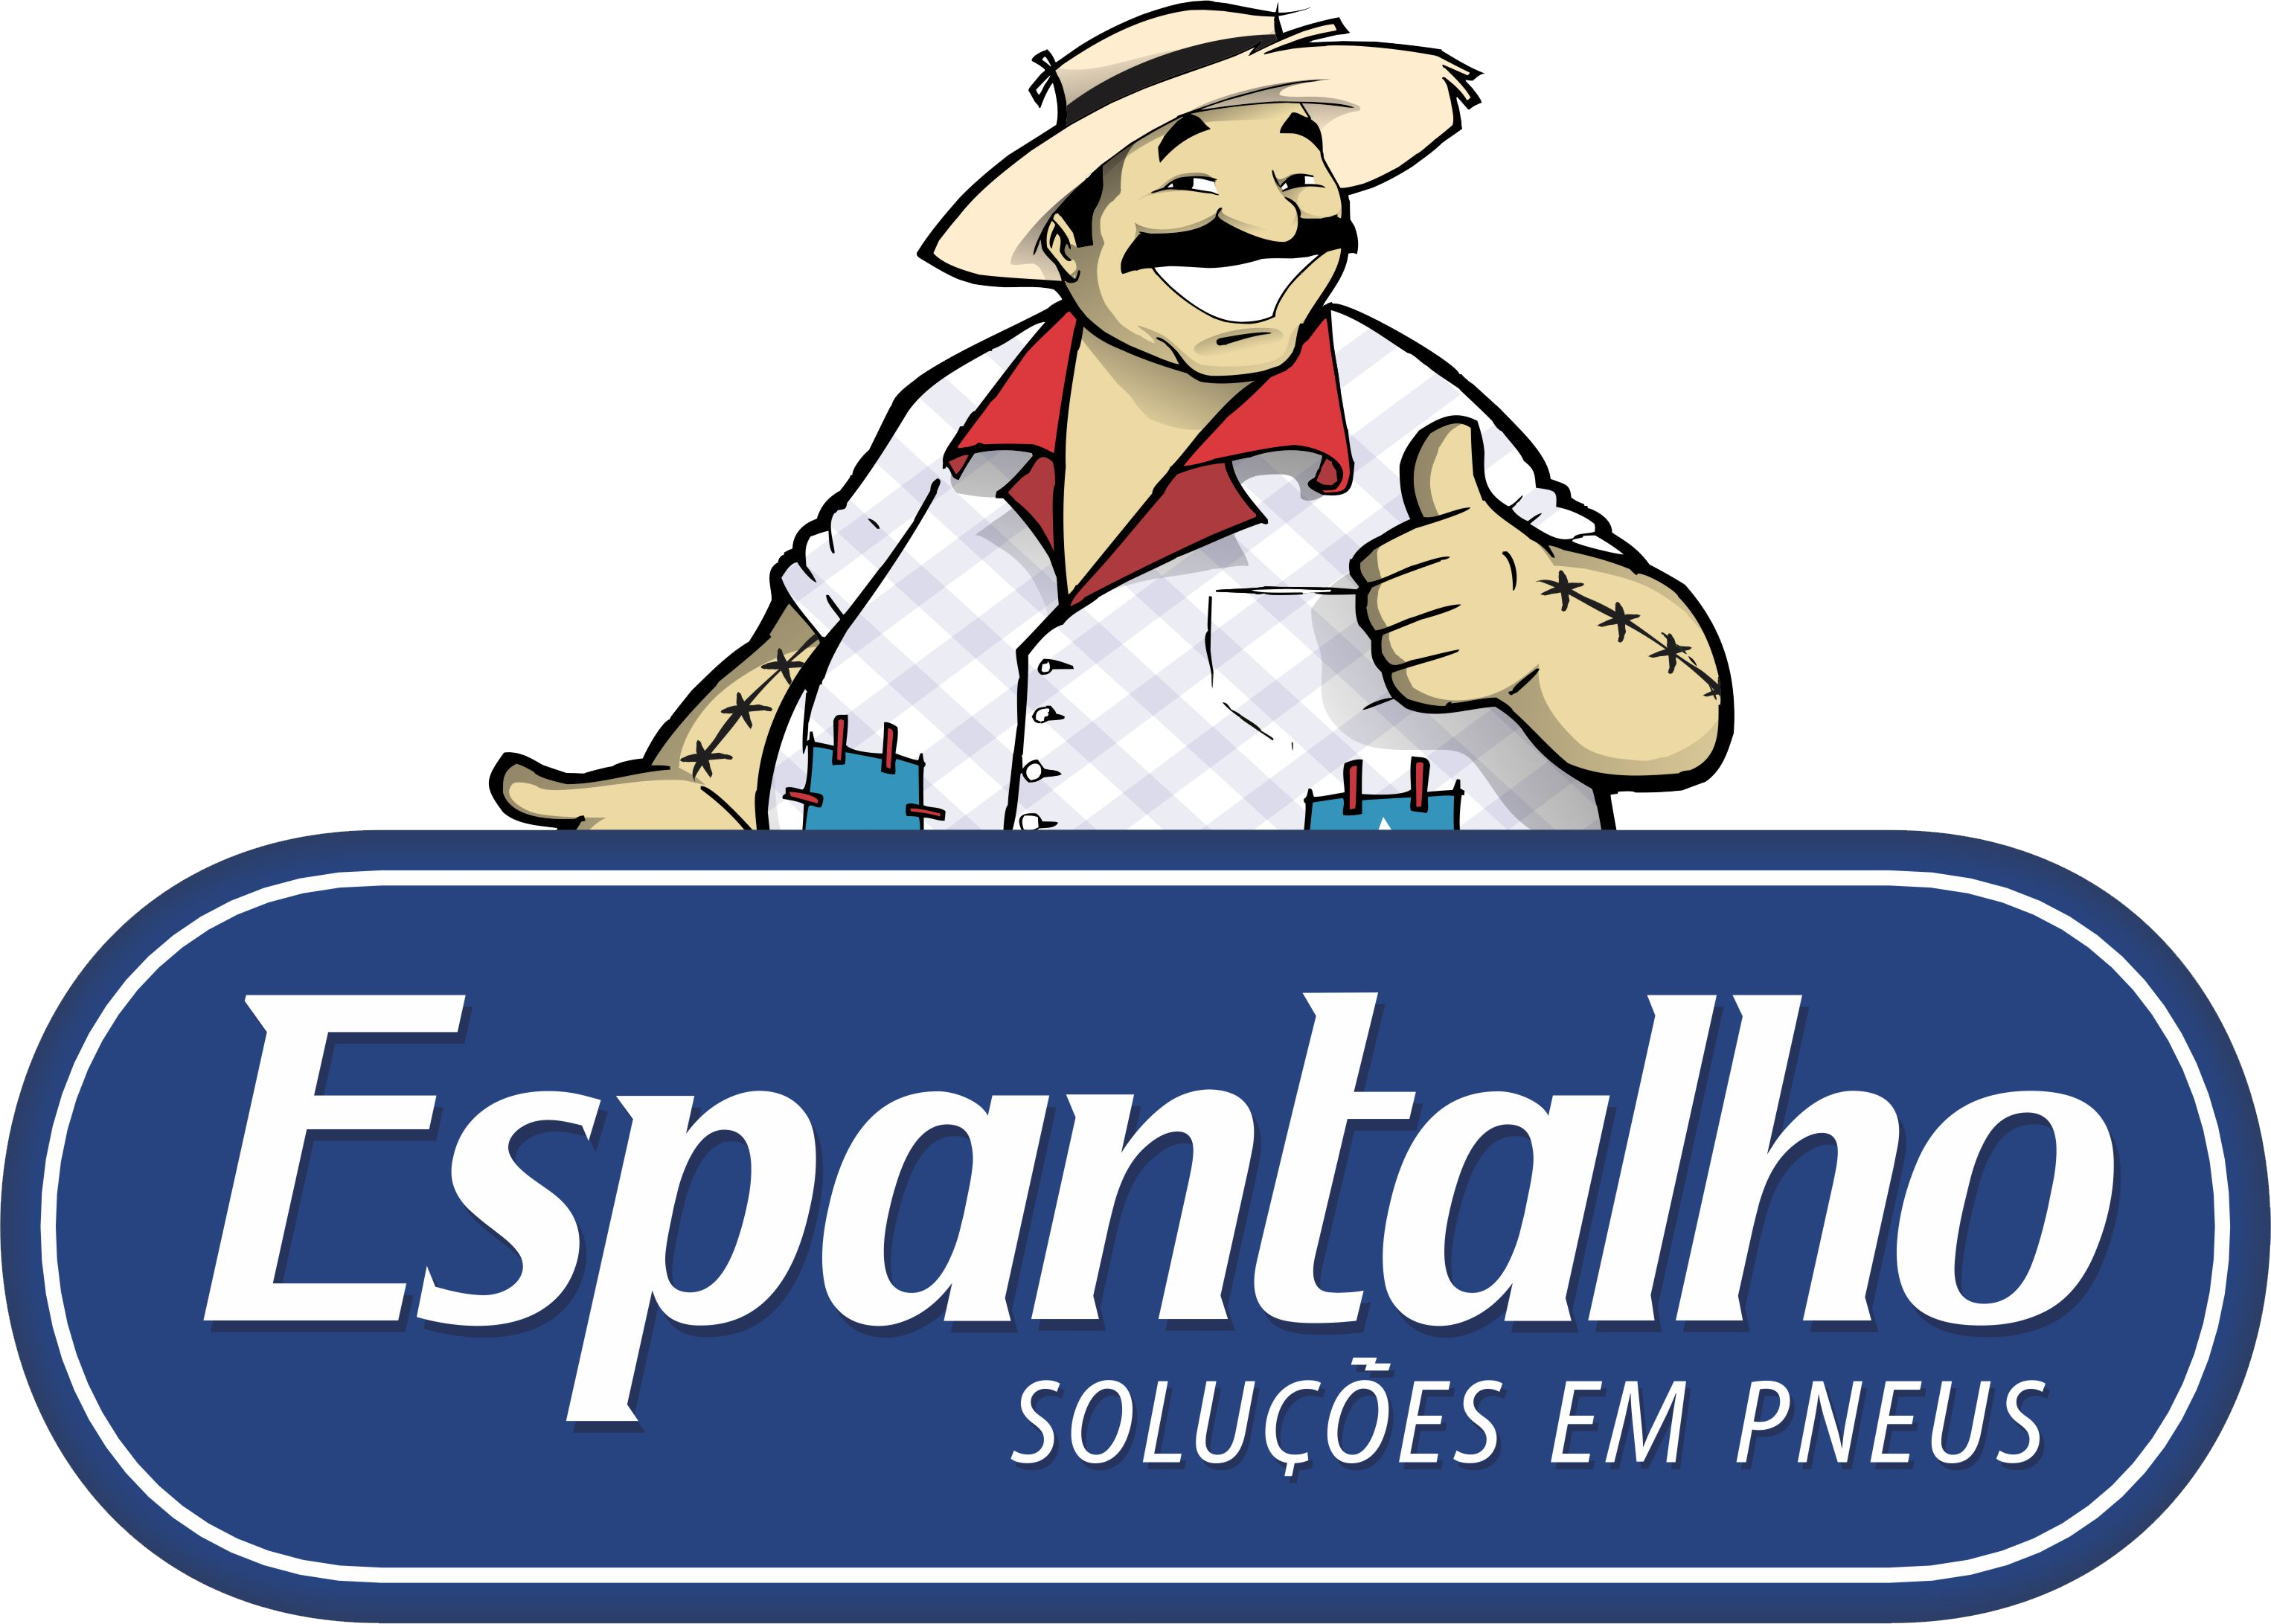 Espantalho Pneus